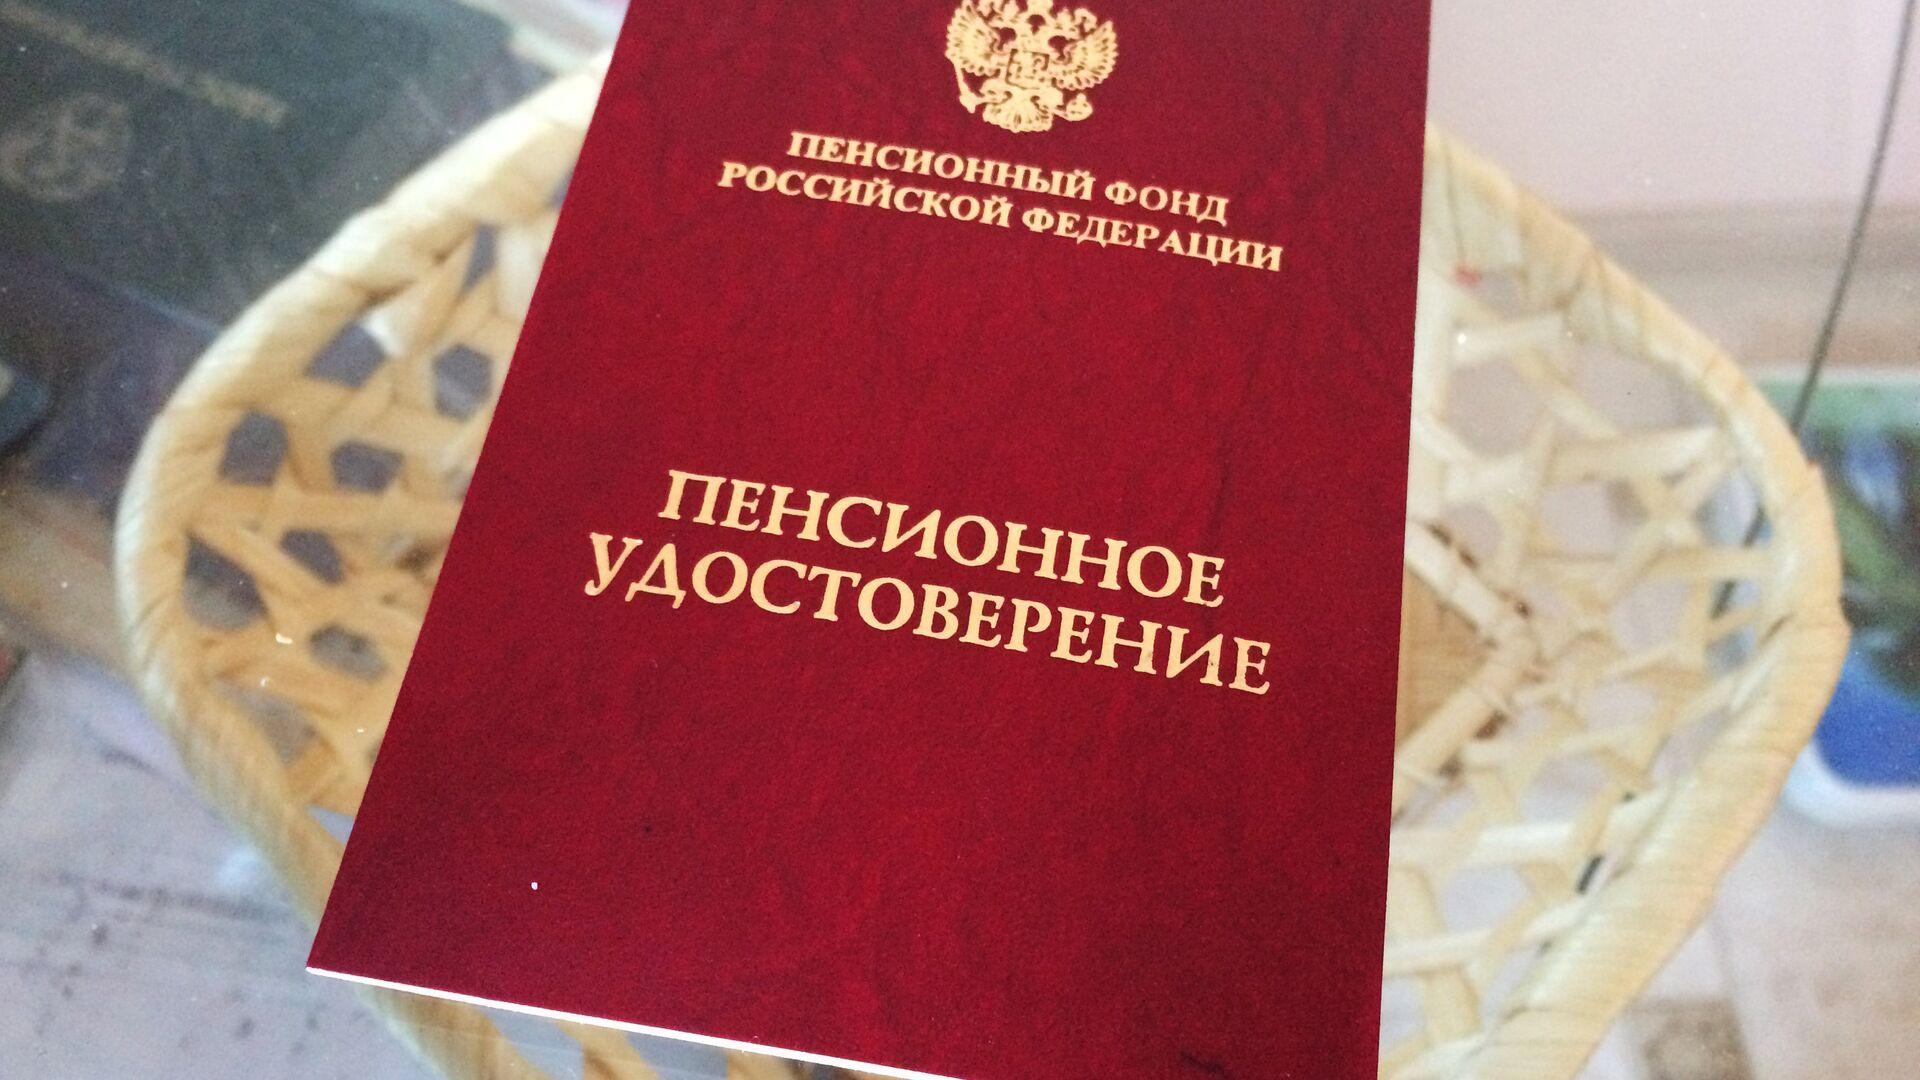 Пенсионное удостоверение - РИА Новости, 1920, 23.02.2021